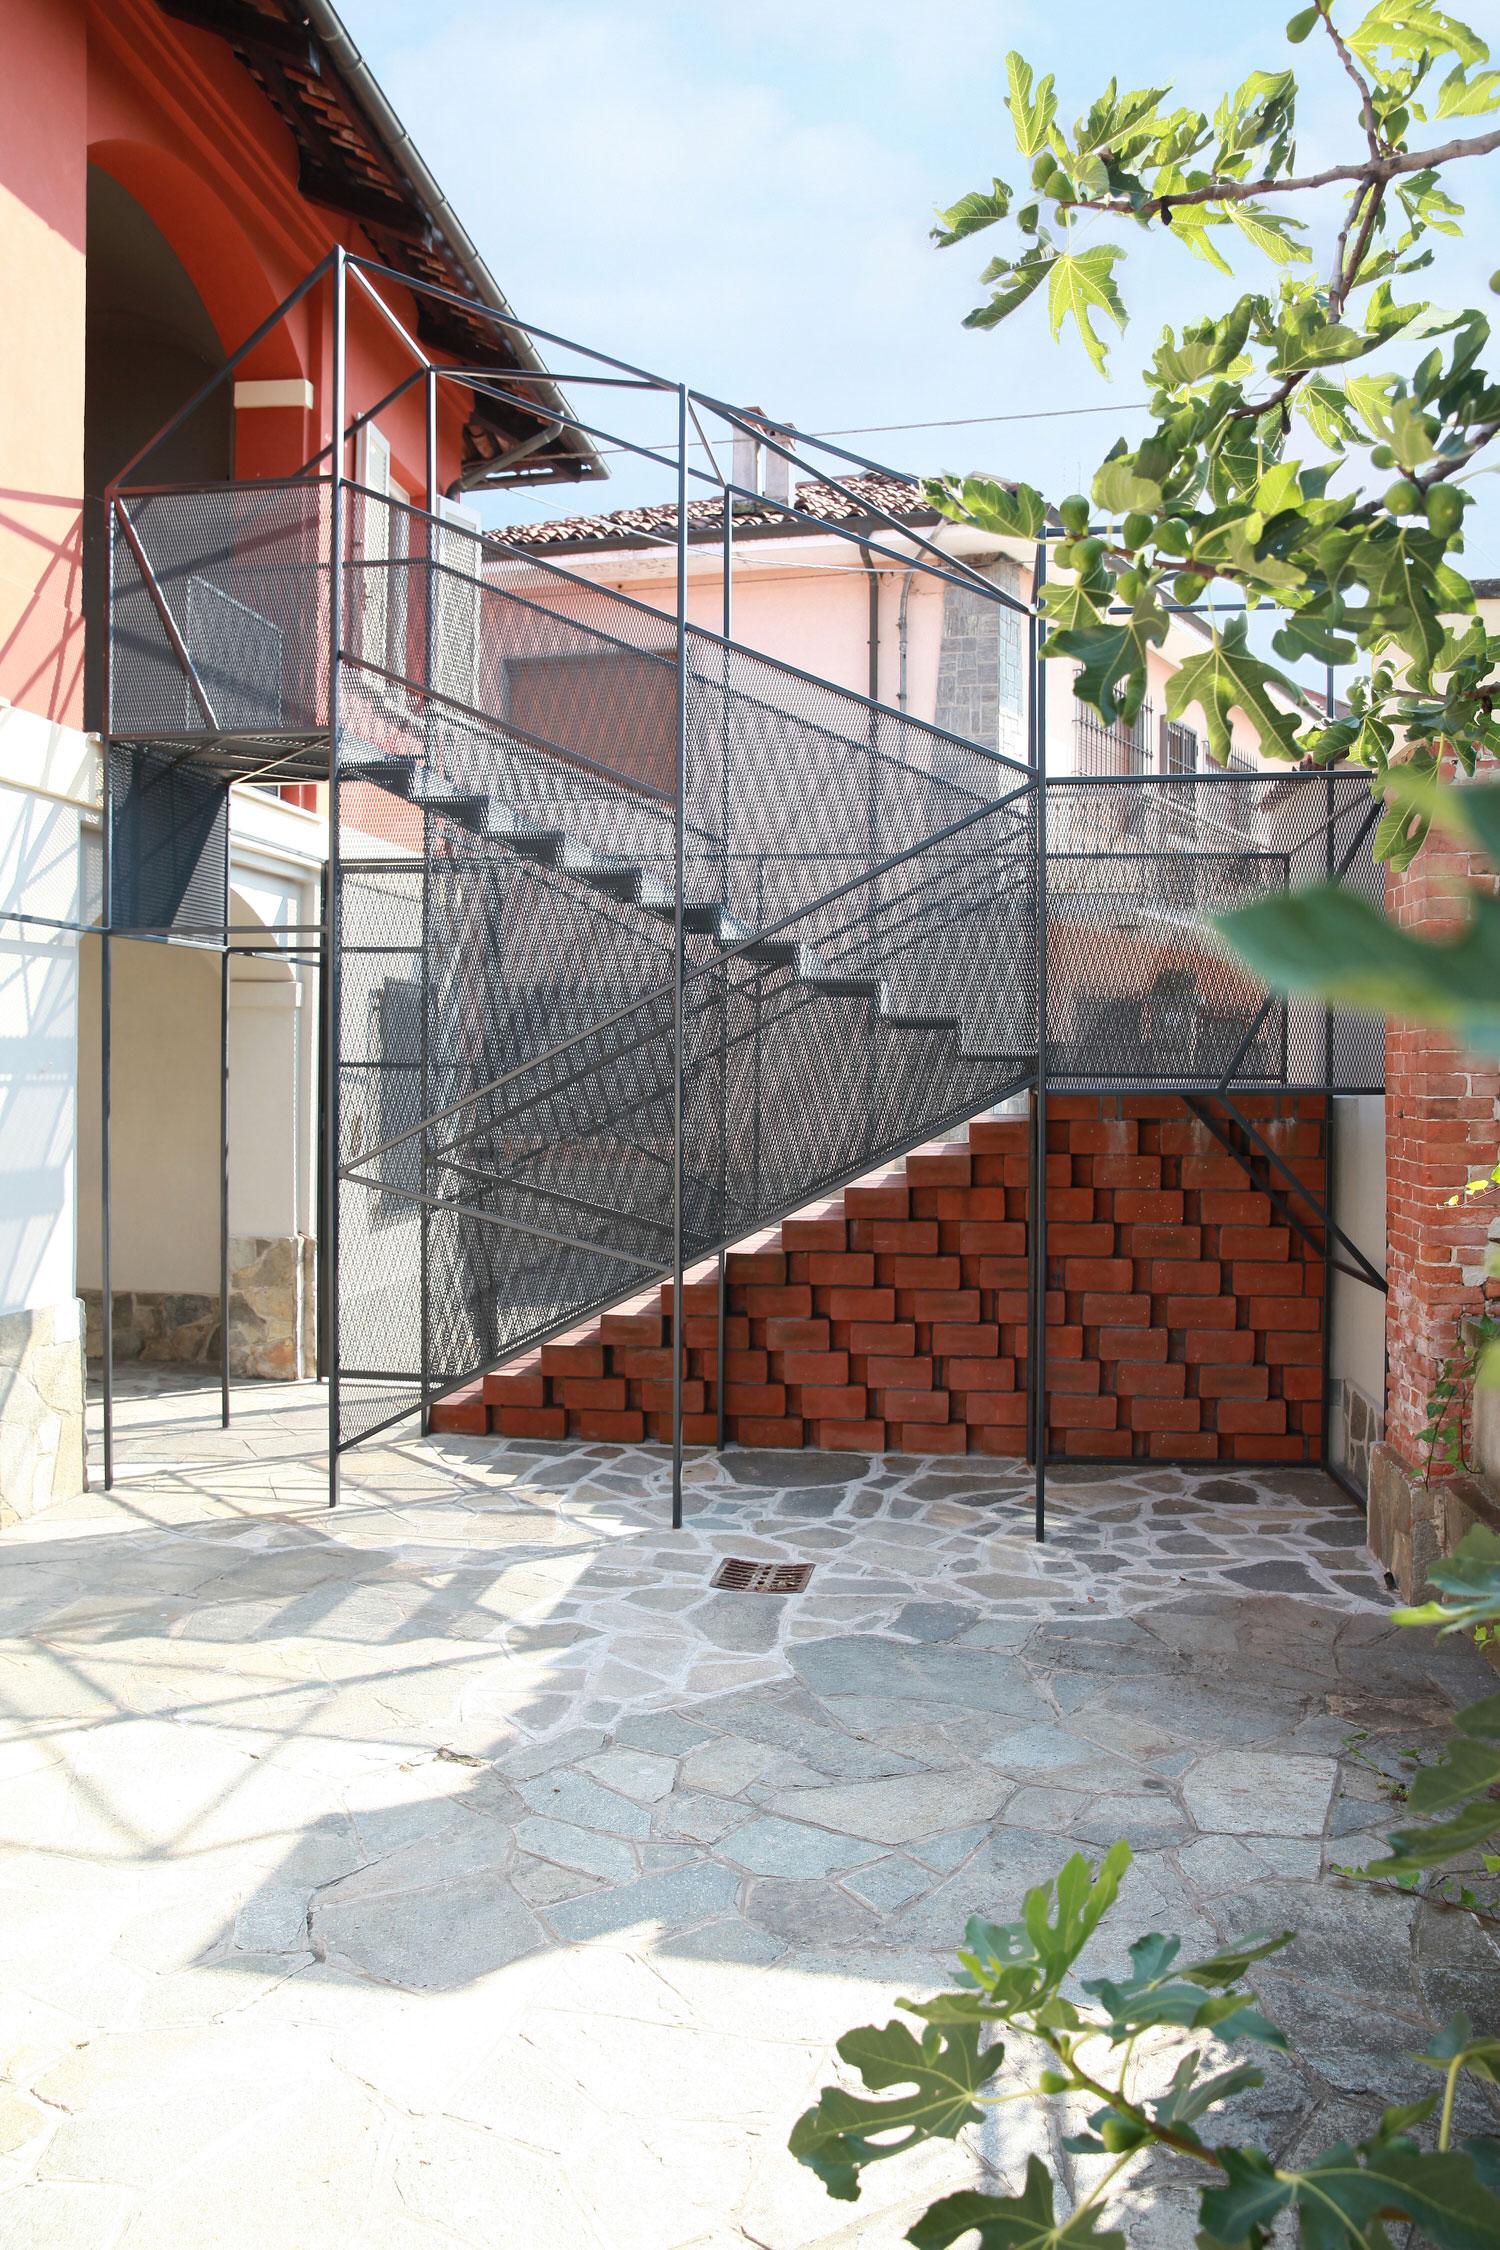 Marcante Testa Private House Renovation Cavallermaggiore Photo Carola Ripamonti Yellowtrace 02